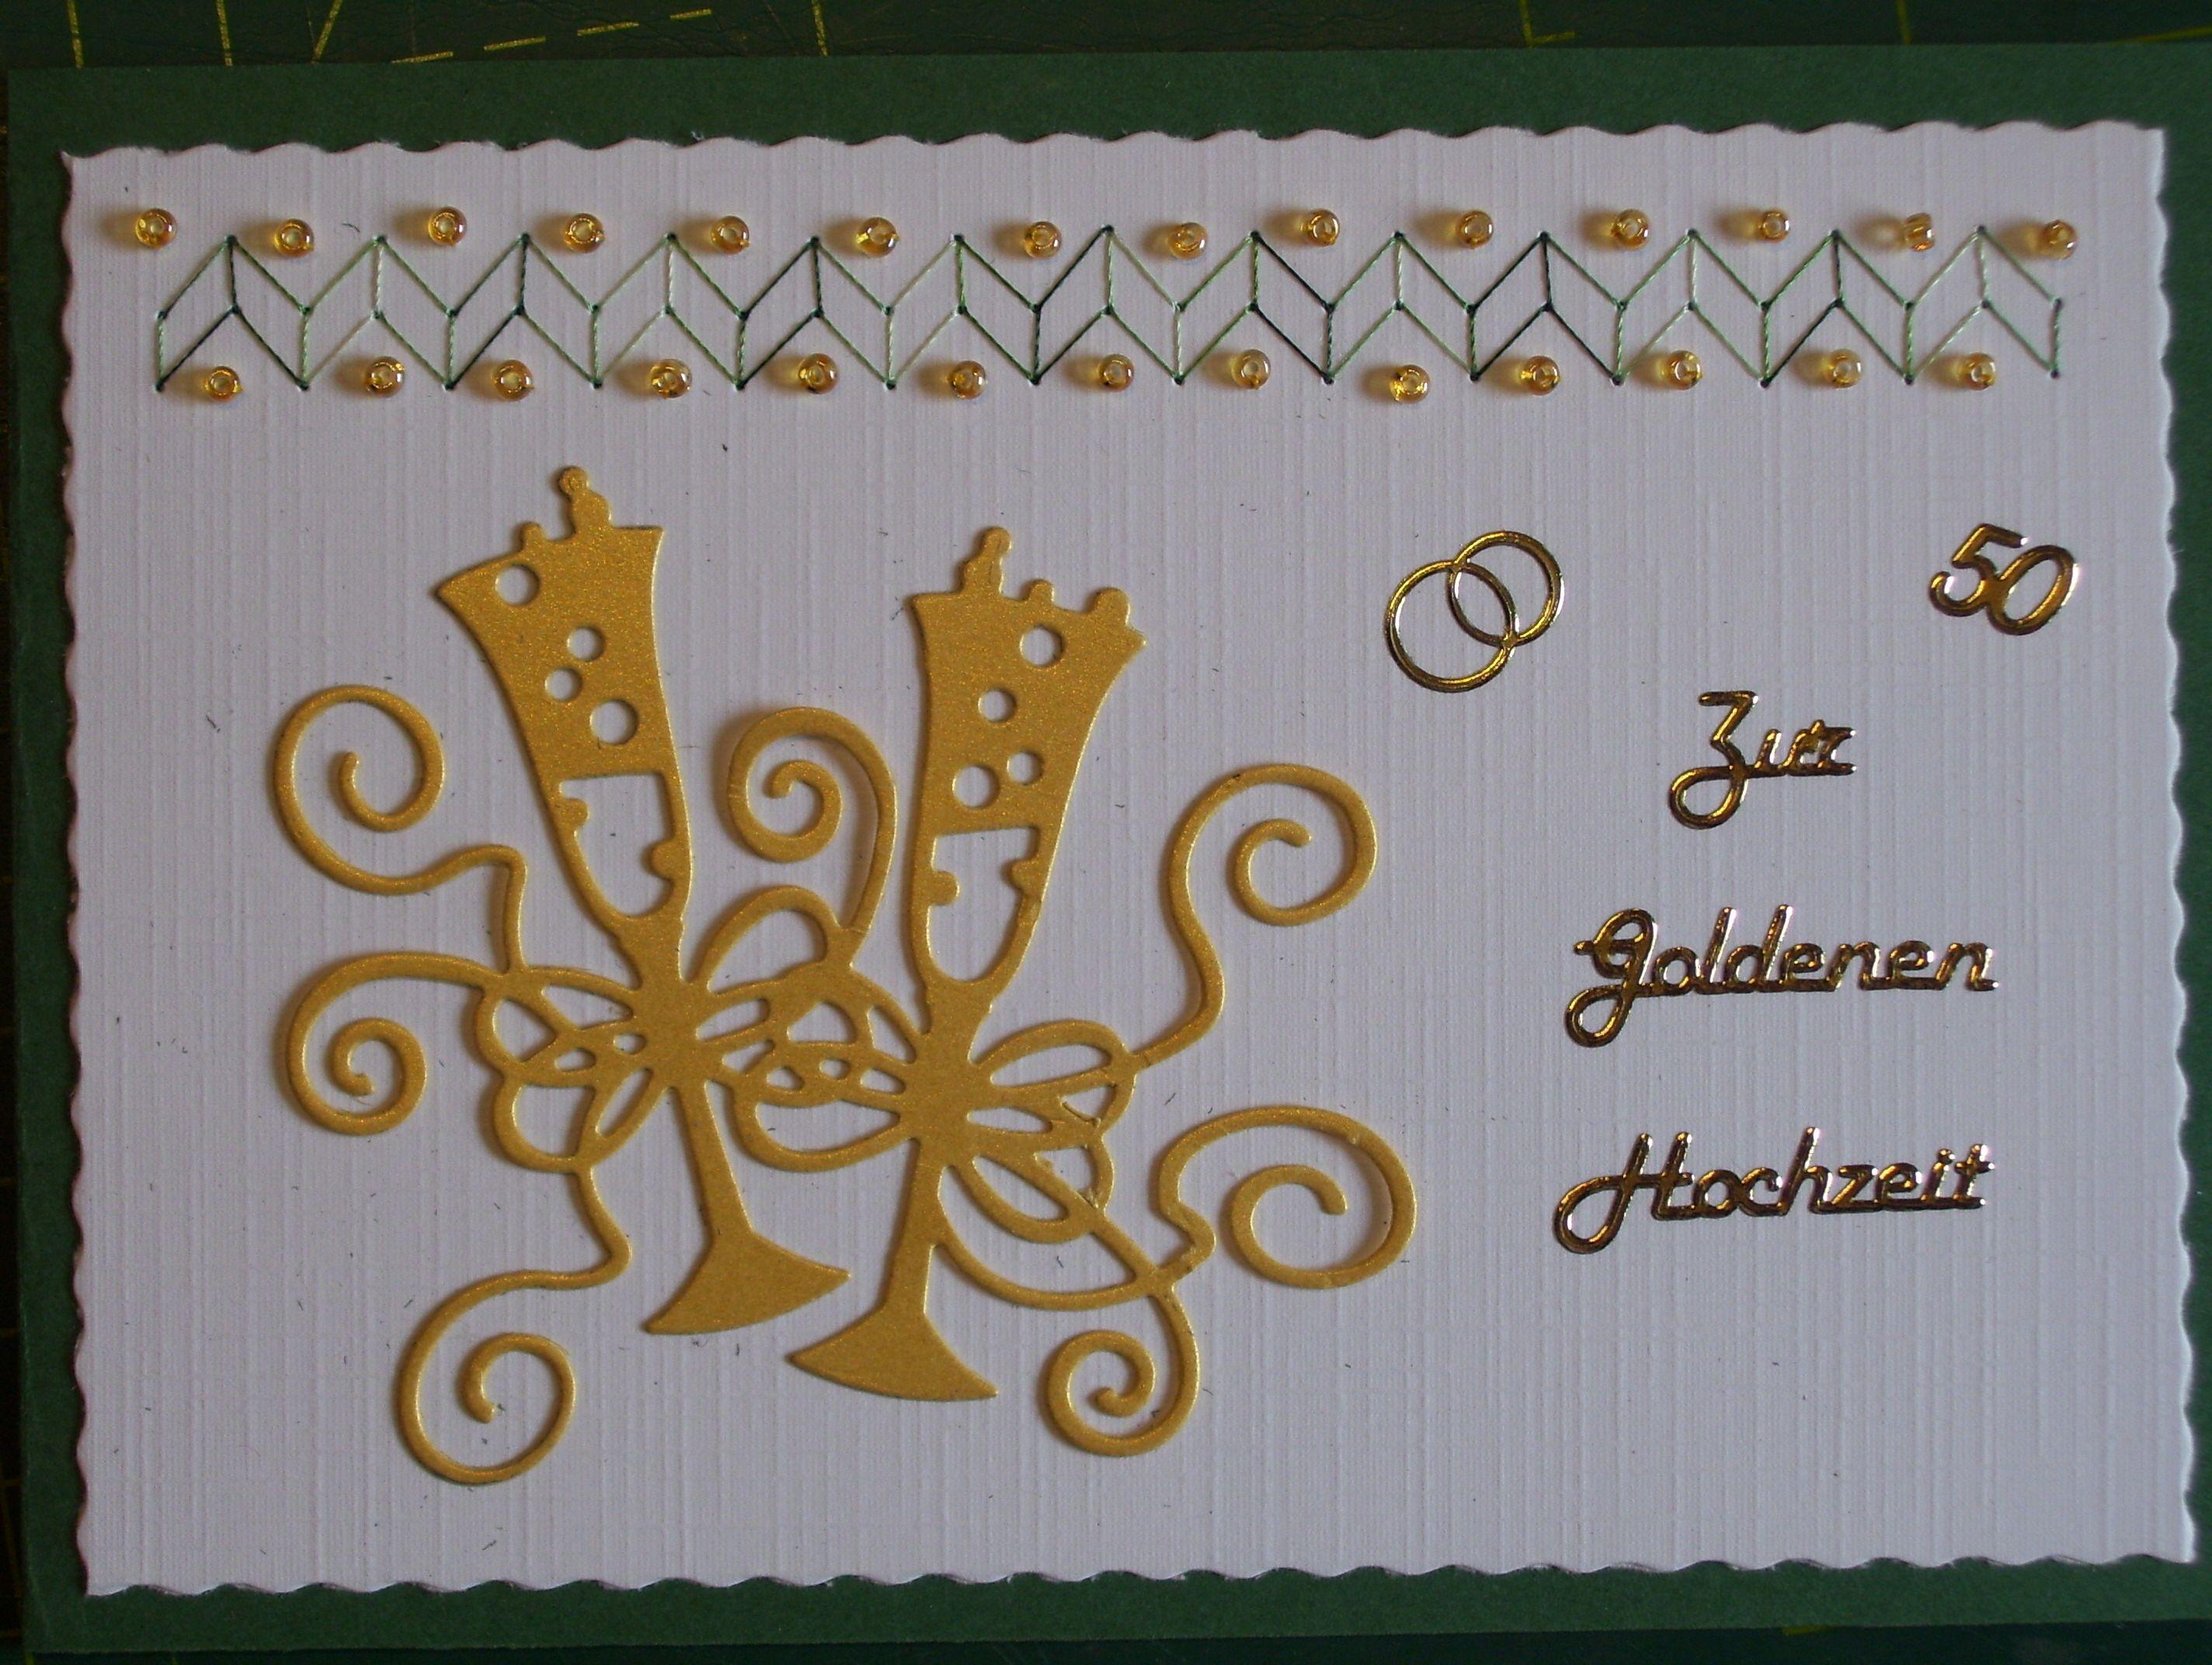 Goldhochzeitskarte